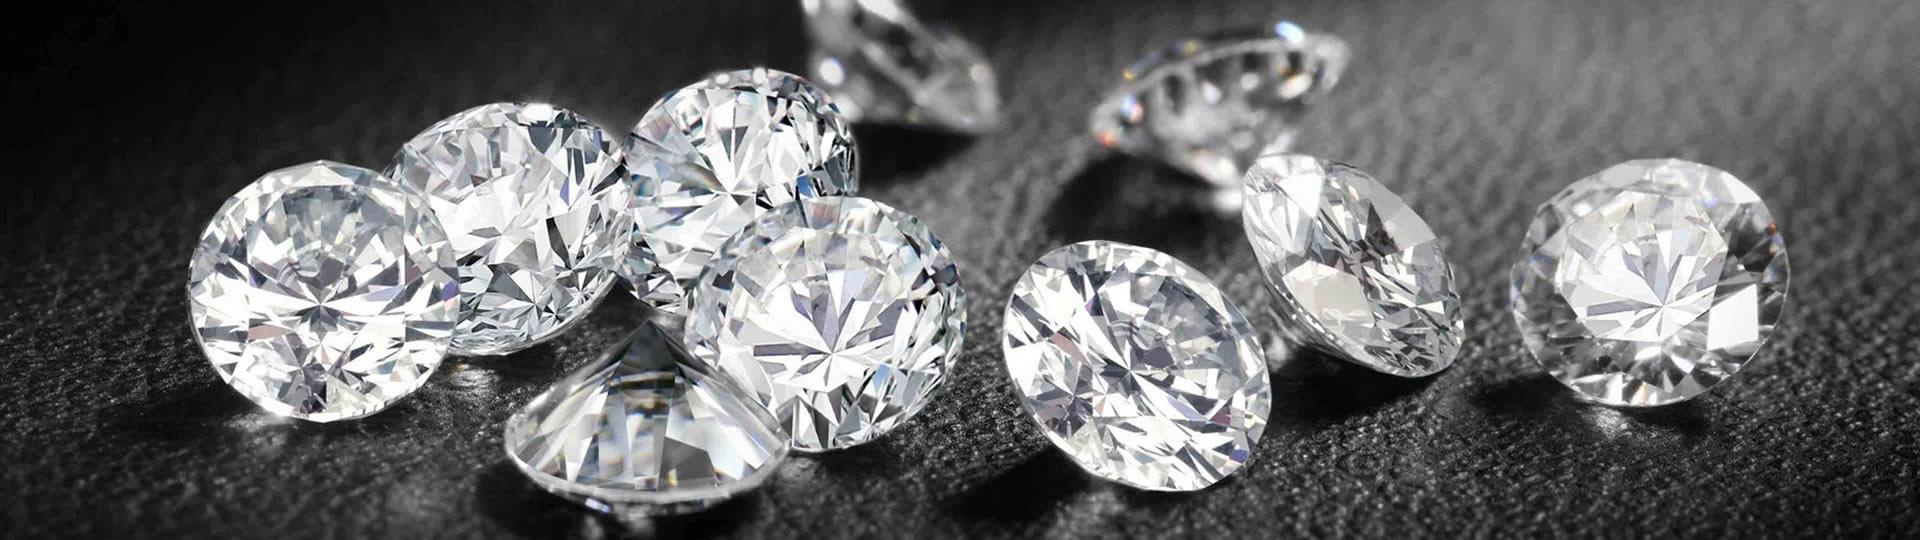 diamond 4 c u0026 39 s  color  clarity  cut  carat